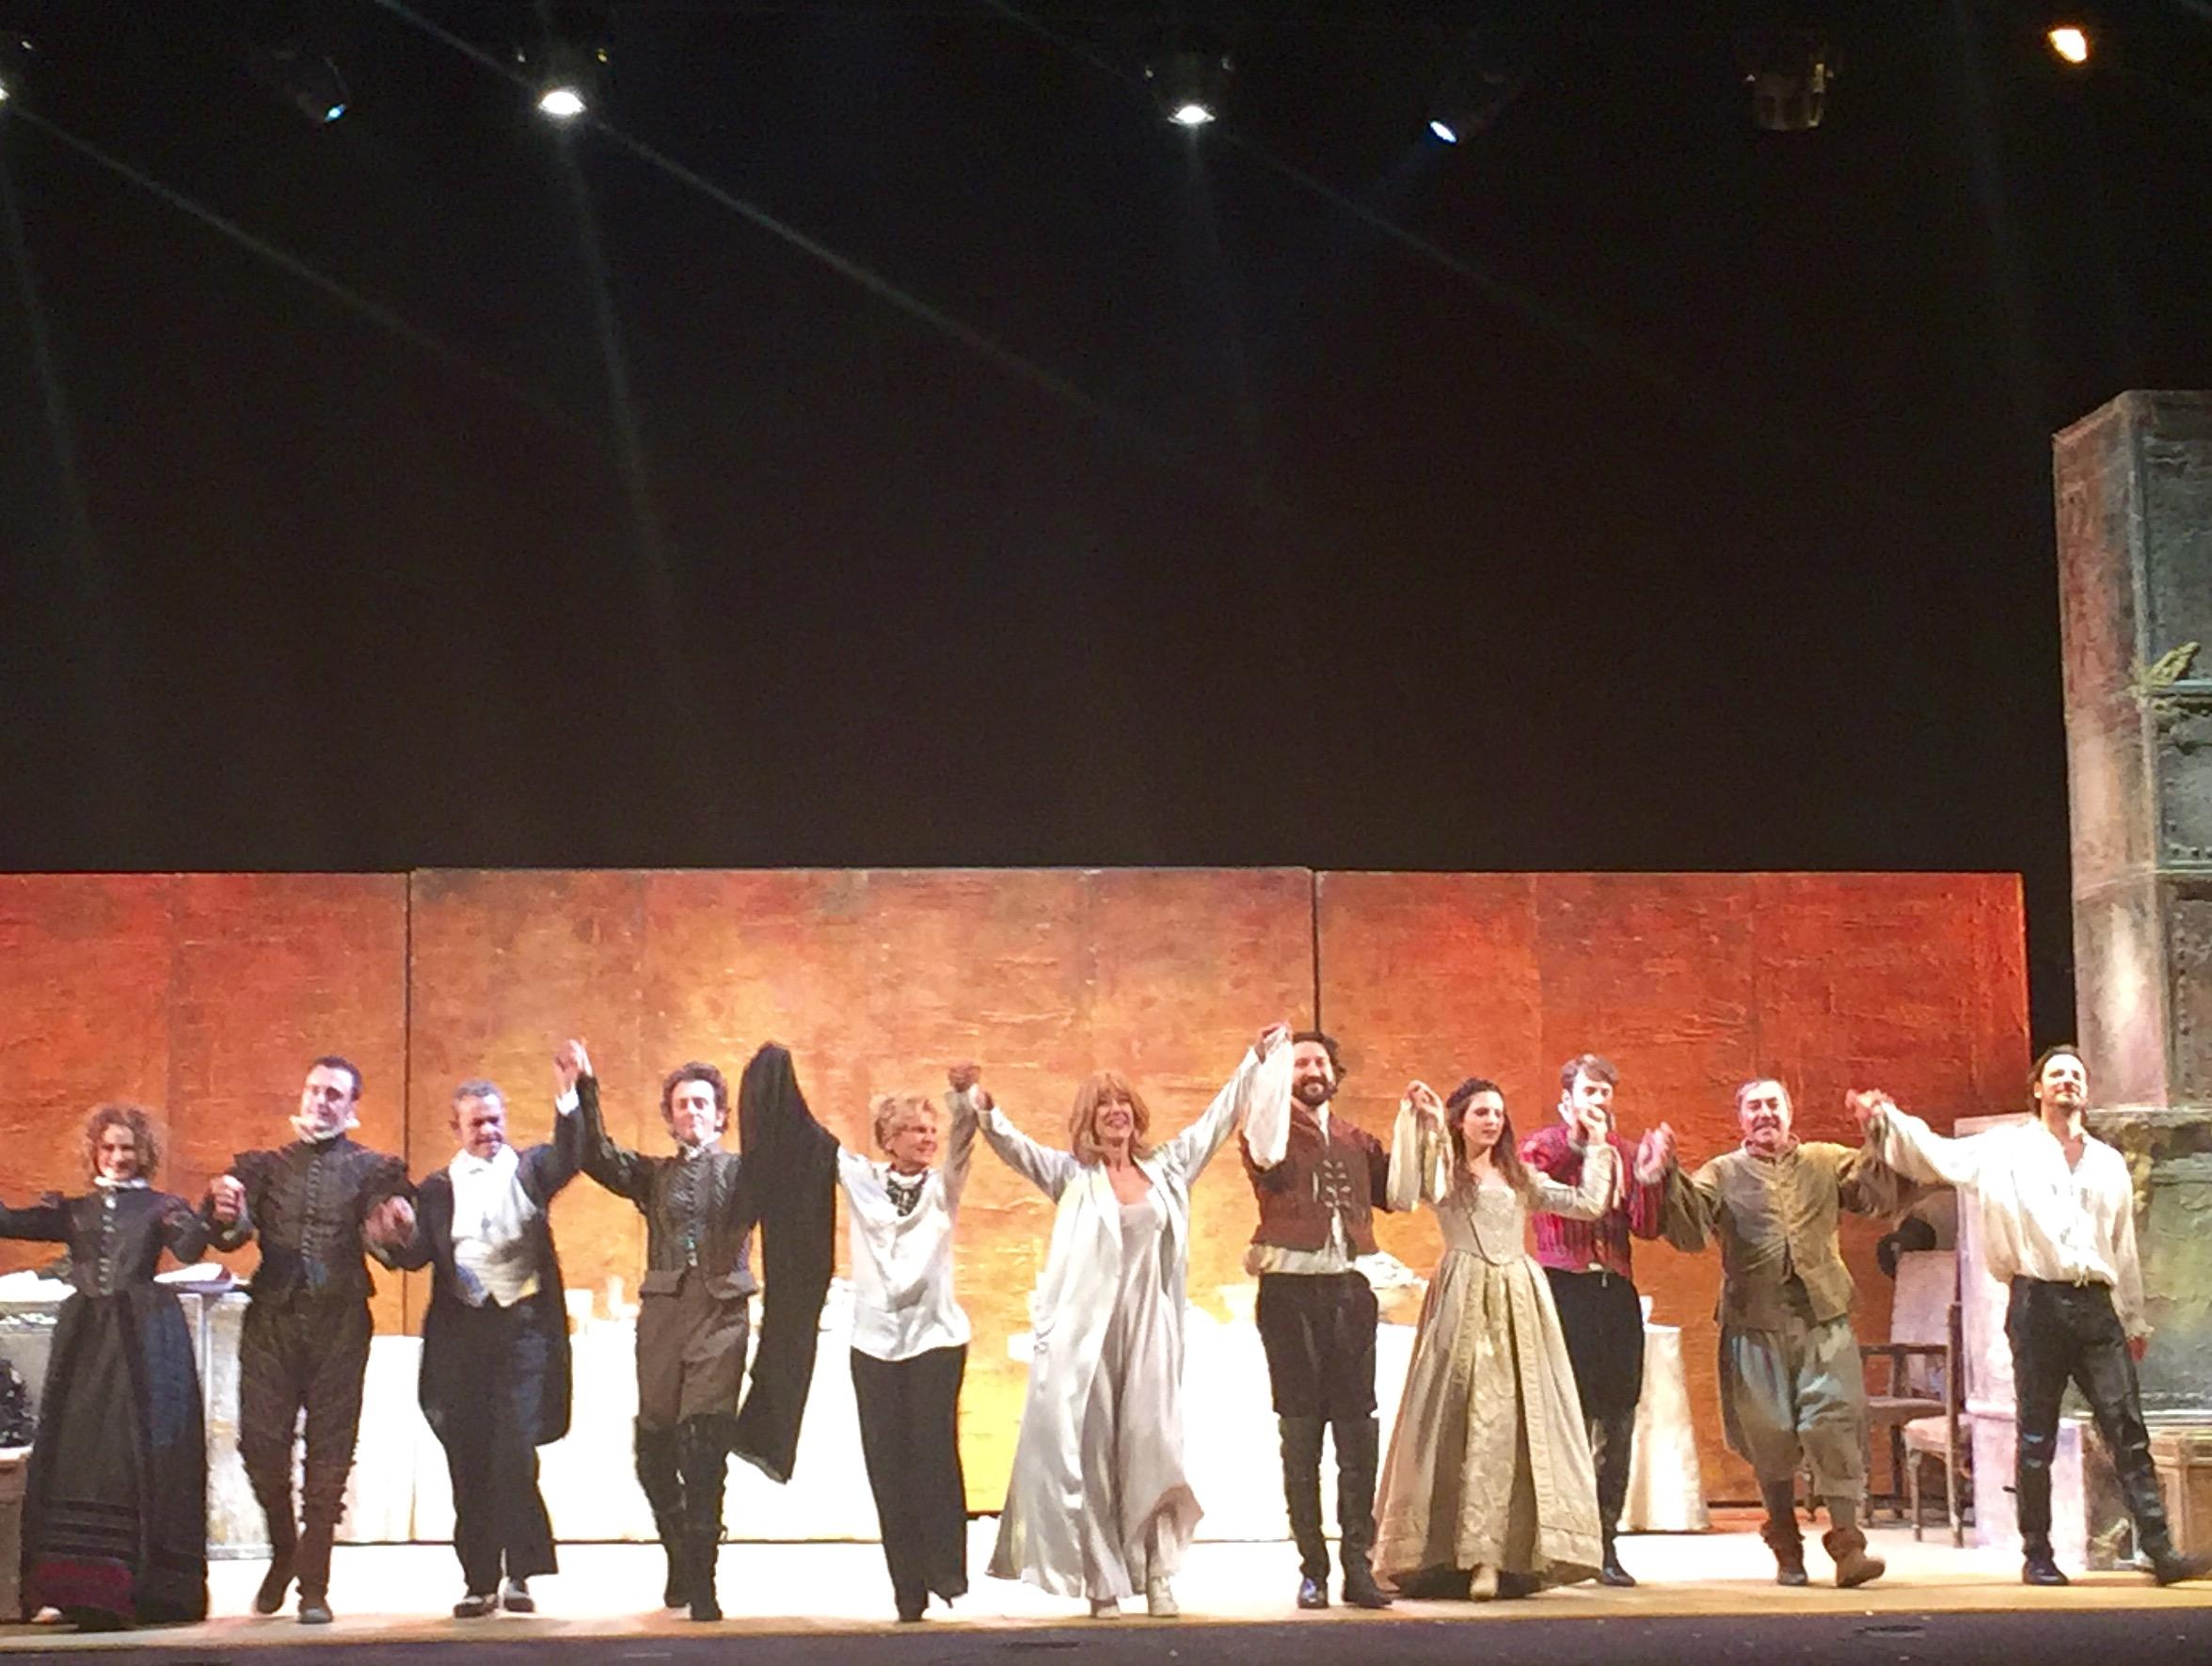 La bisbetica domata. Play by W.Shakespeare at Teatro Quirino in Rome